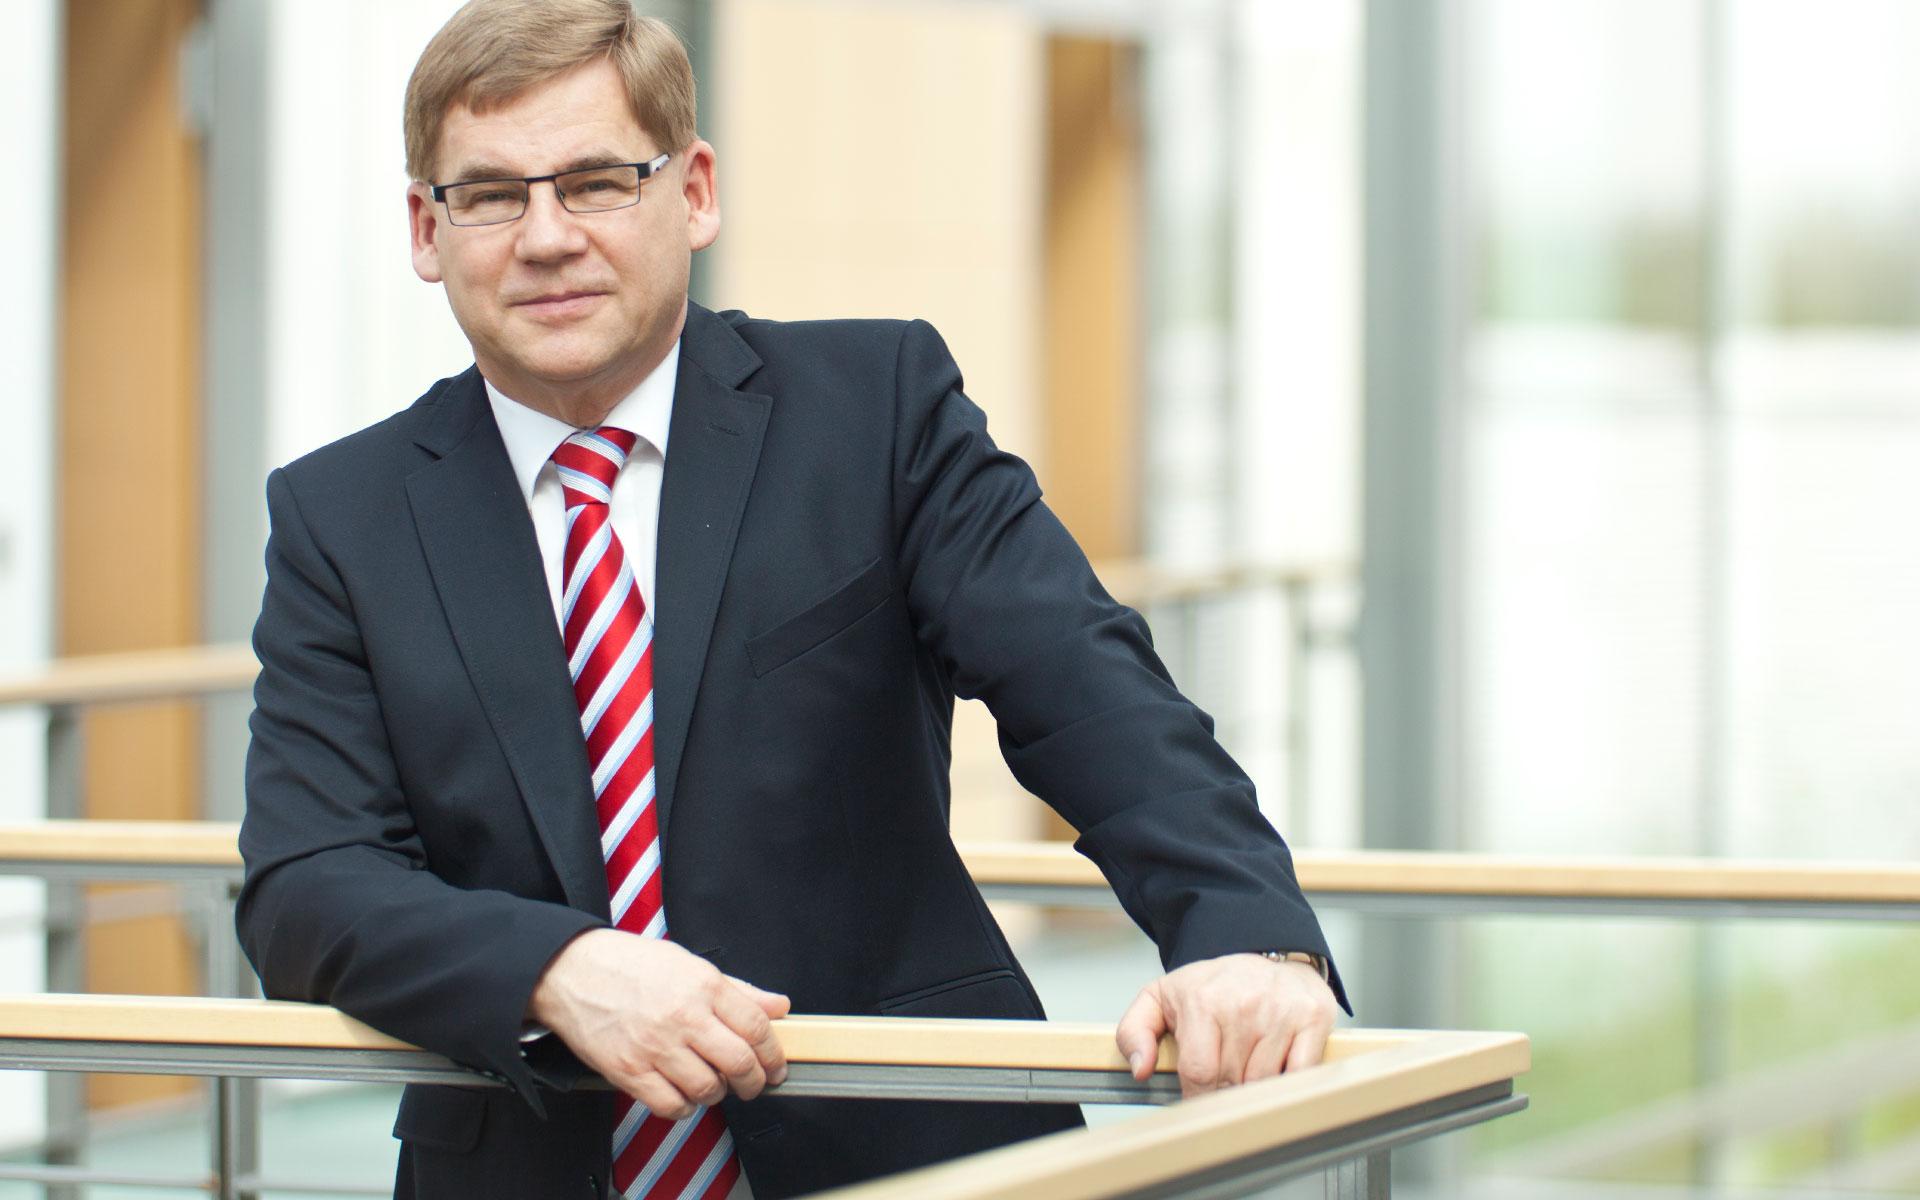 Rechtsanwalt Hans-Peter Burghardt